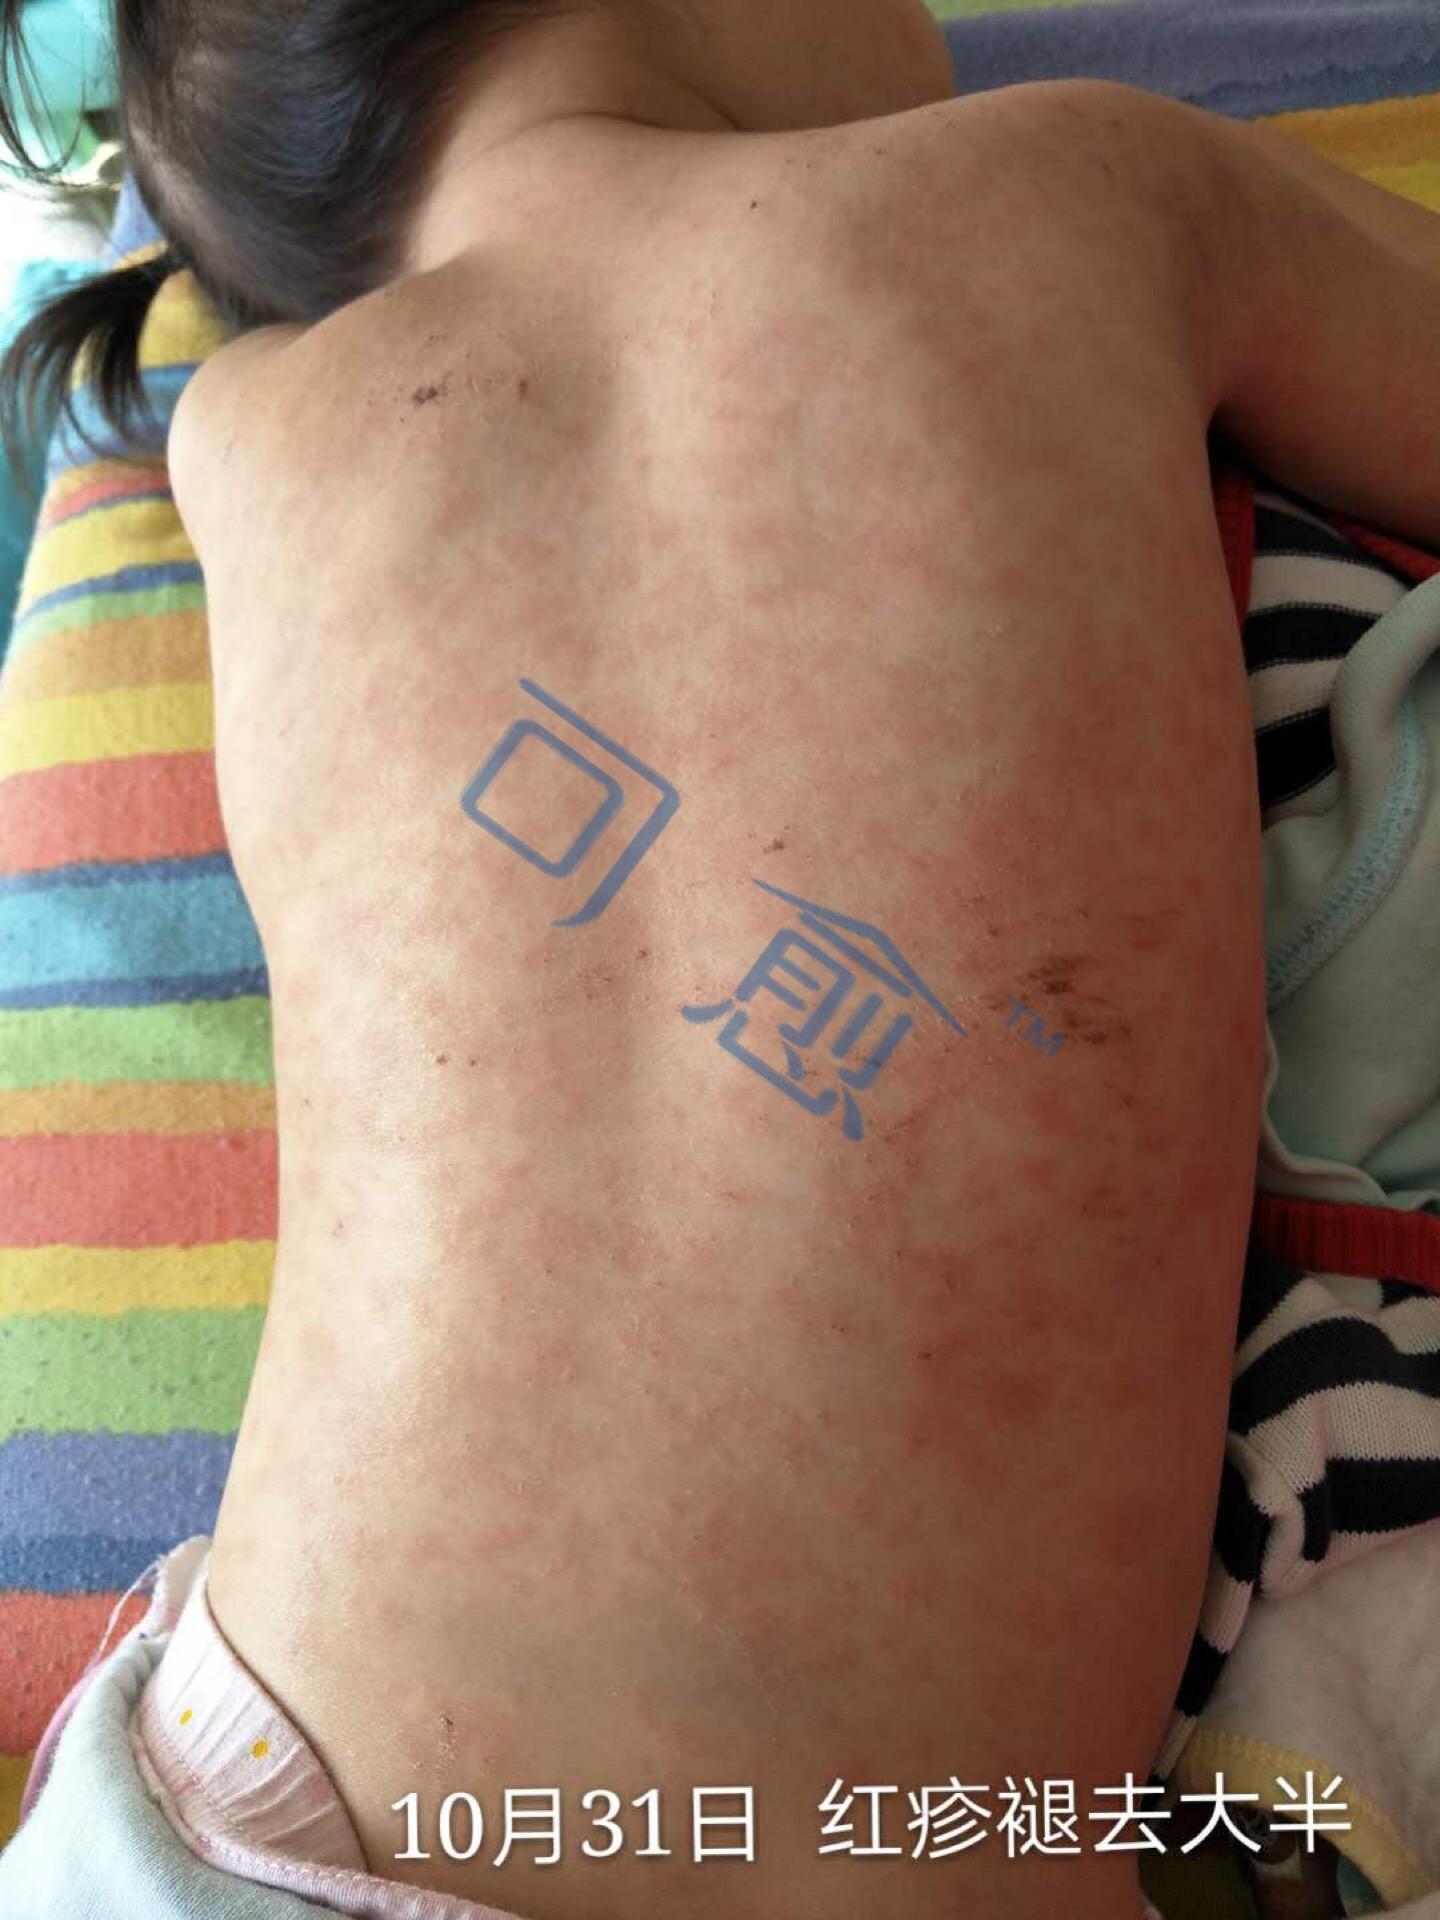 好心情反馈  三岁半的女孩子,10月27日突然起了疹子 ,医院诊断是急性荨麻疹+过敏性皮炎,用了两天炉甘石效果并不明显,29日开始使用可愈G,一天涂抹3次,晚上的时候已经可以正常入睡,到31日部分红疹就已经褪去,10天后已恢复健康状态,可愈真的很棒!